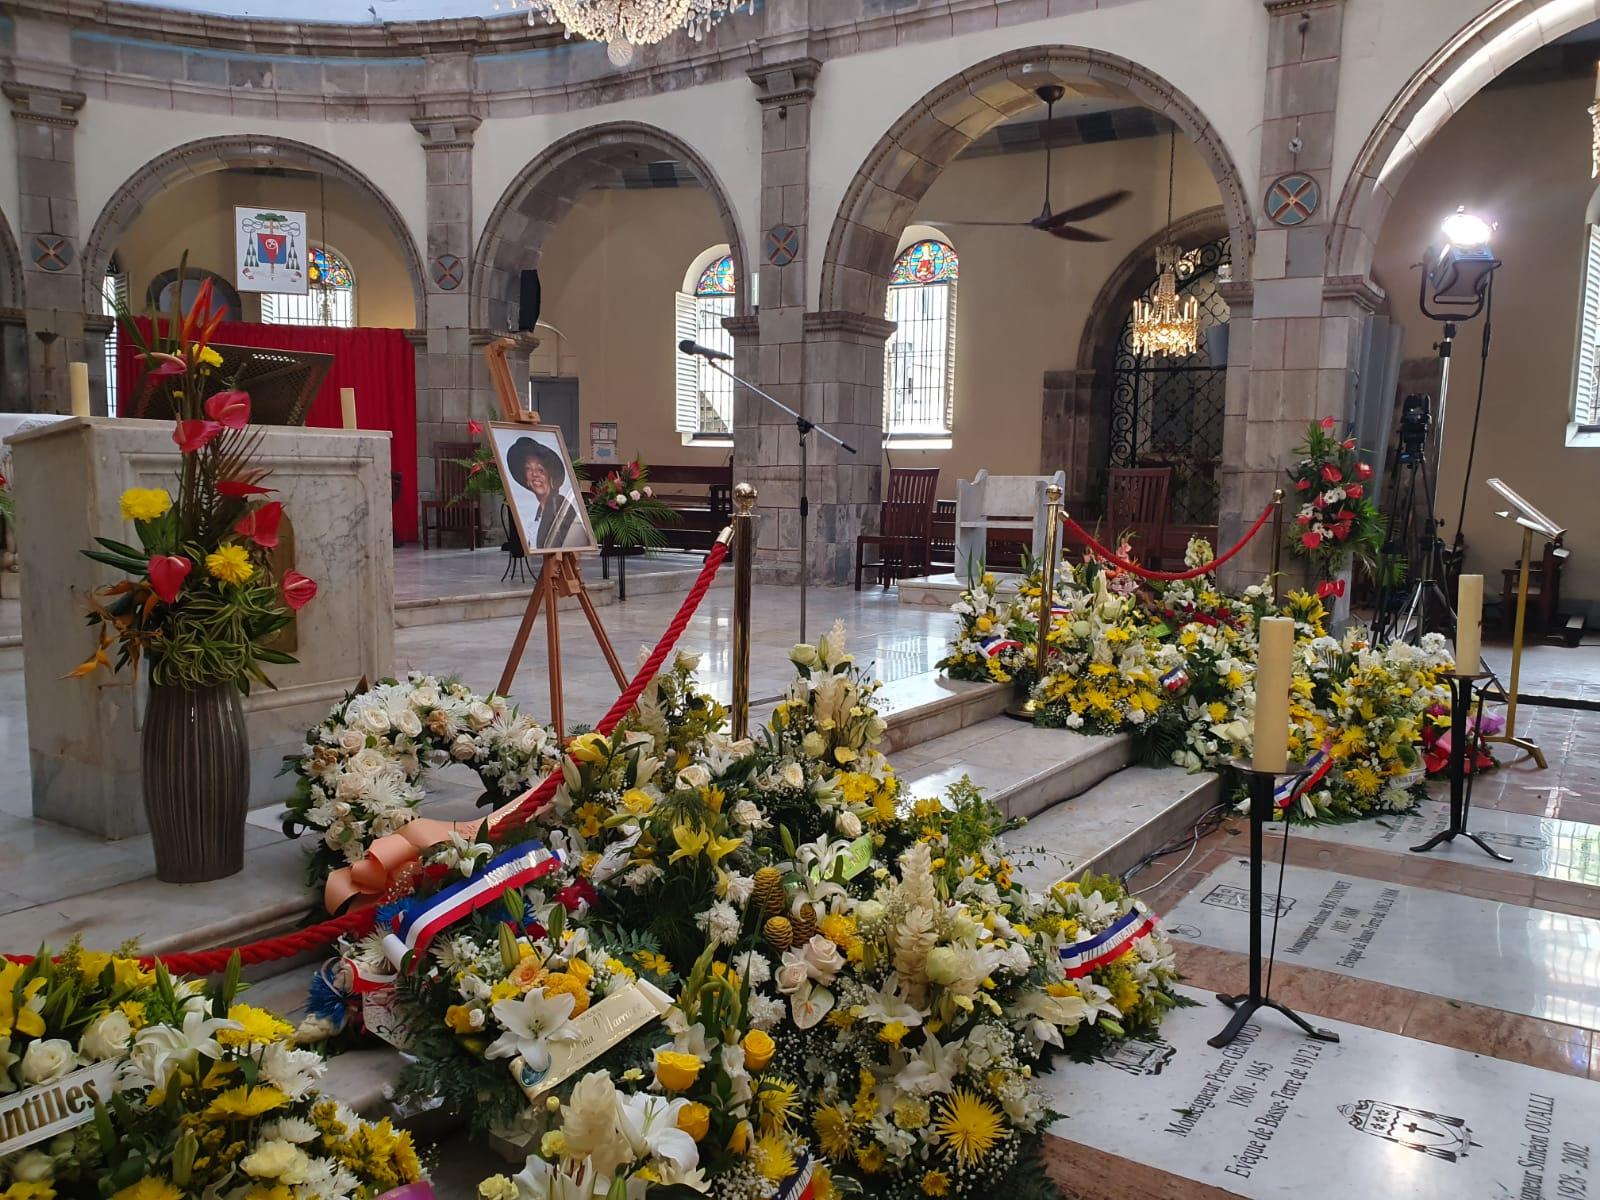 [LIVE] Suivez les funérailles de Lucette Michaux-Chevry à la cathédrale de Basse-Terre